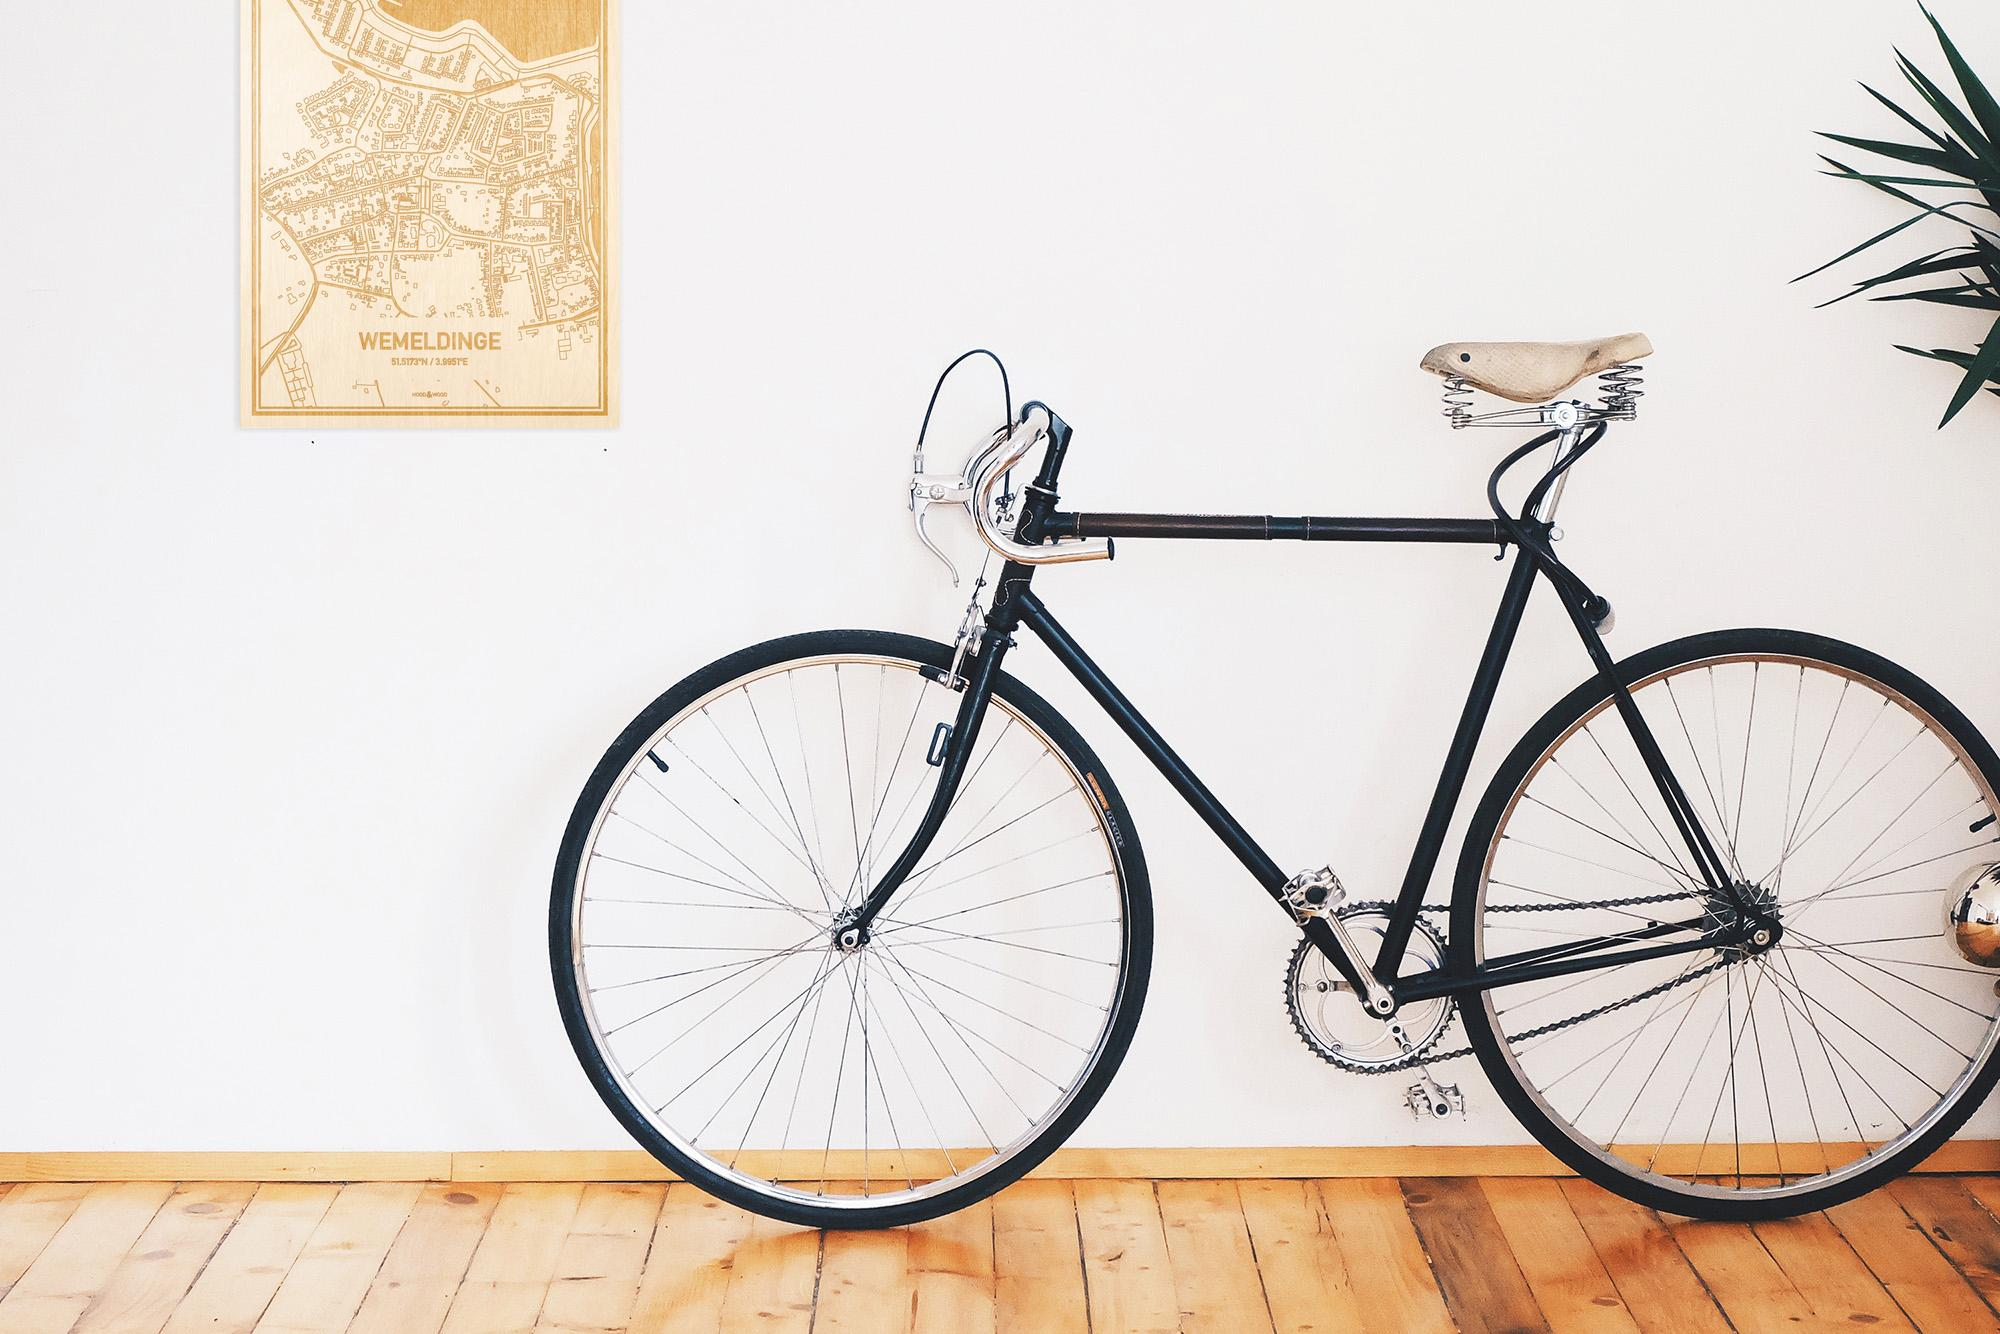 Een snelle fiets in een uniek interieur in Zeeland met mooie decoratie zoals de plattegrond Wemeldinge.